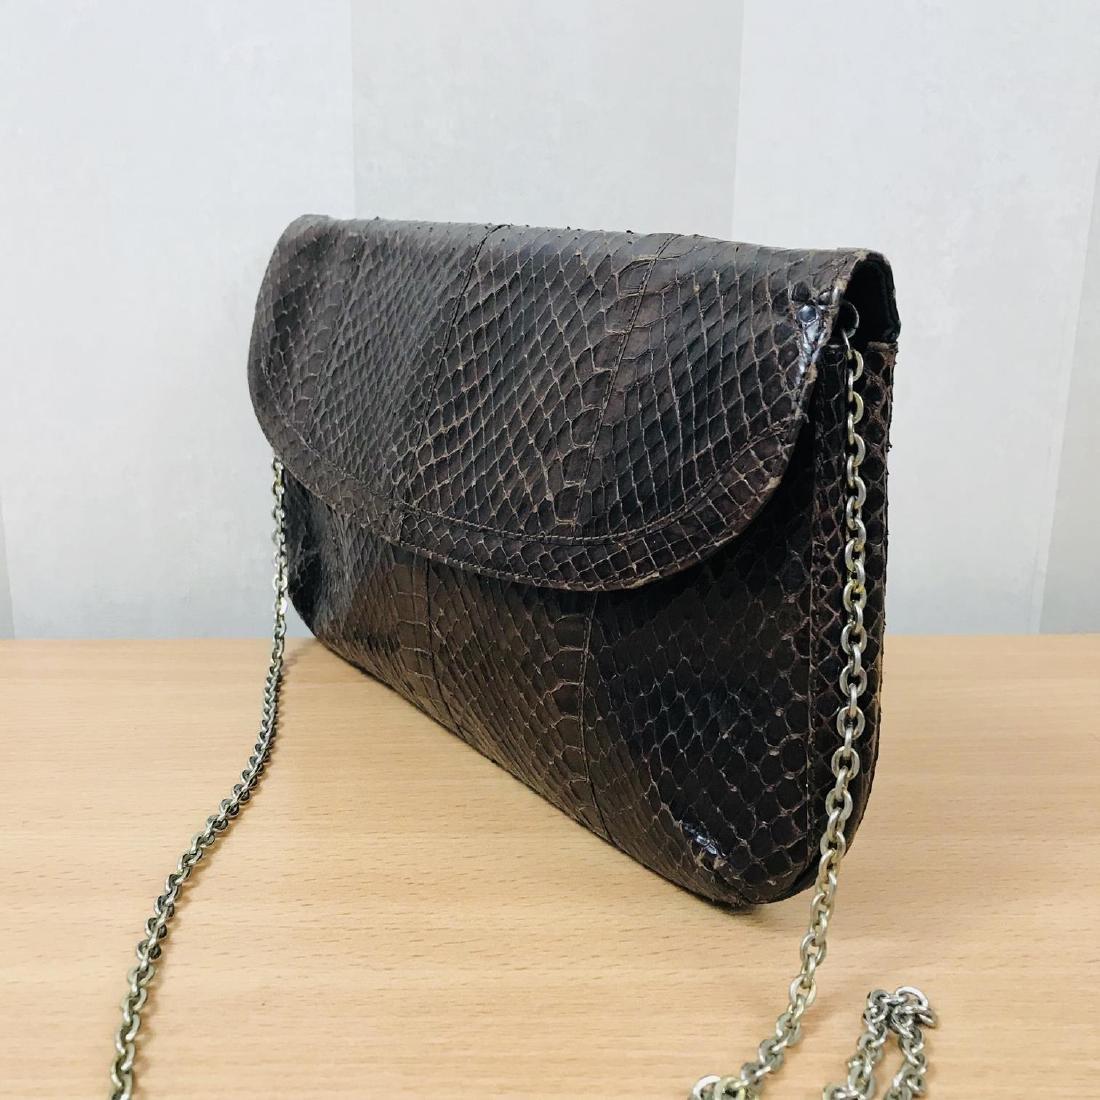 Vintage Brown Snakeskin Leather Clutch Bag - 4